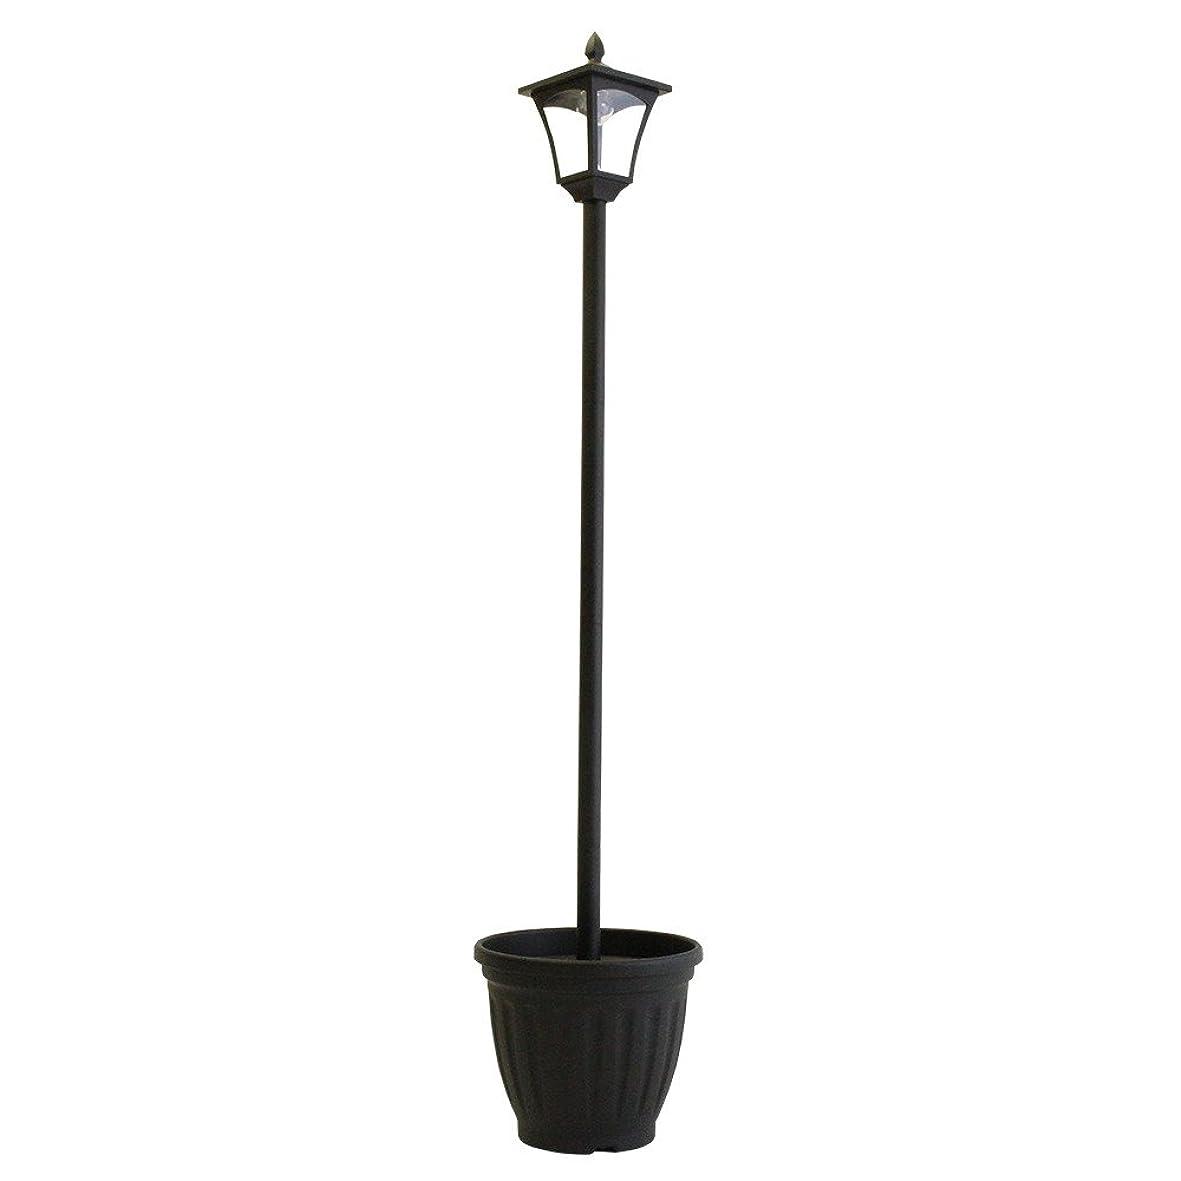 ほこり石の経済植木鉢付きソーラー街灯 1灯タイプ